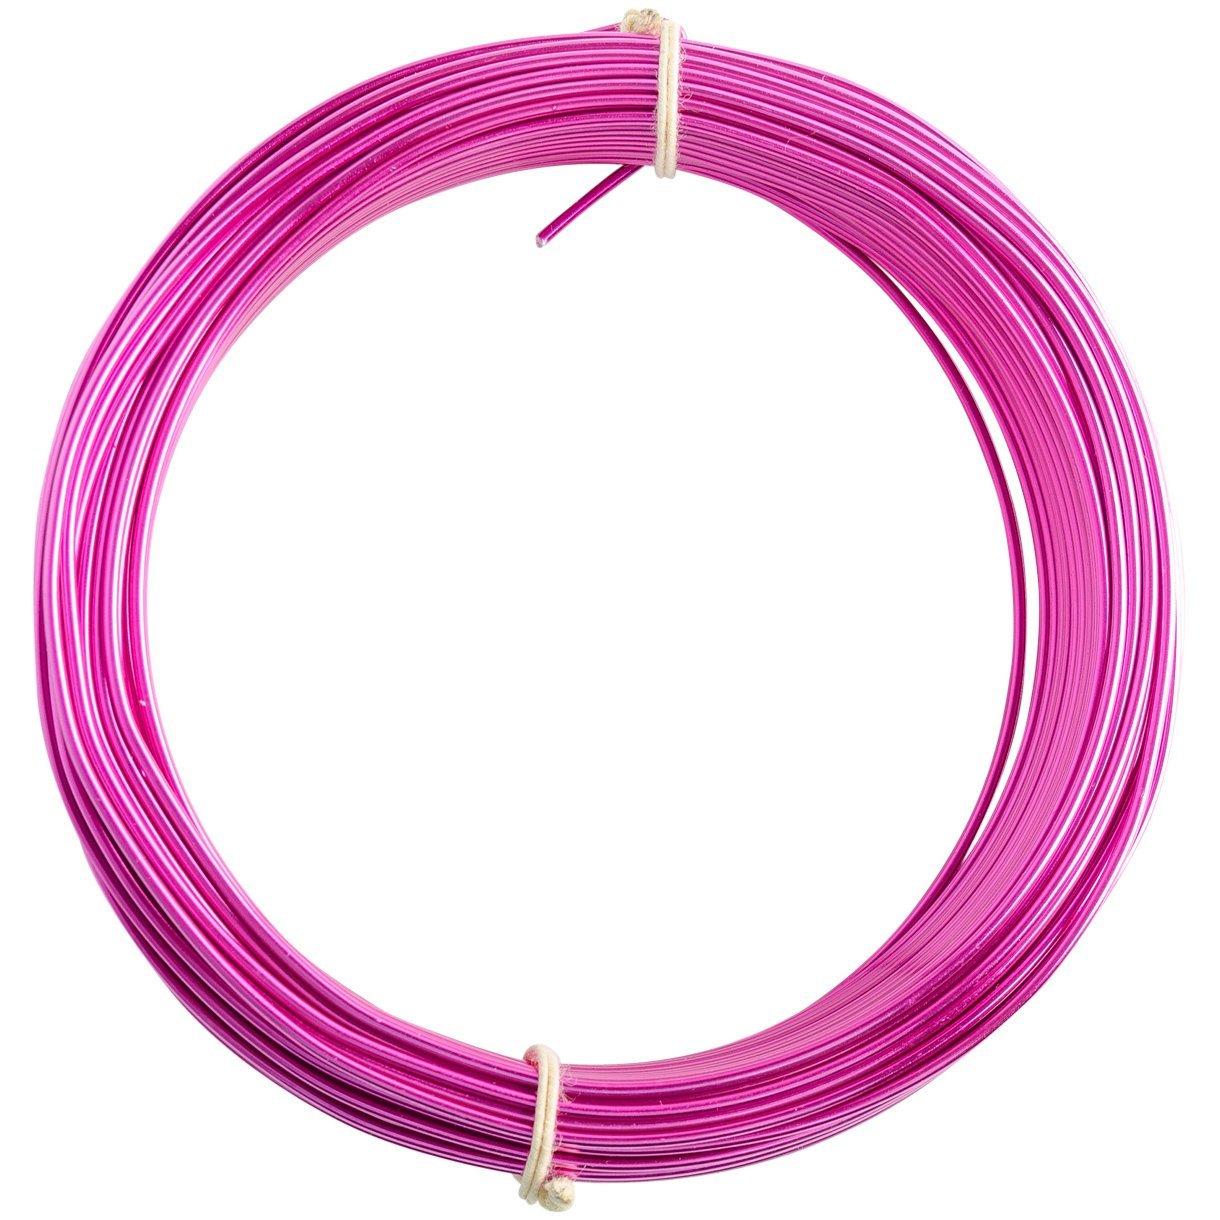 Amazon.com: 12 Gauge Gold Enameled Aluminum Wire - 40ft